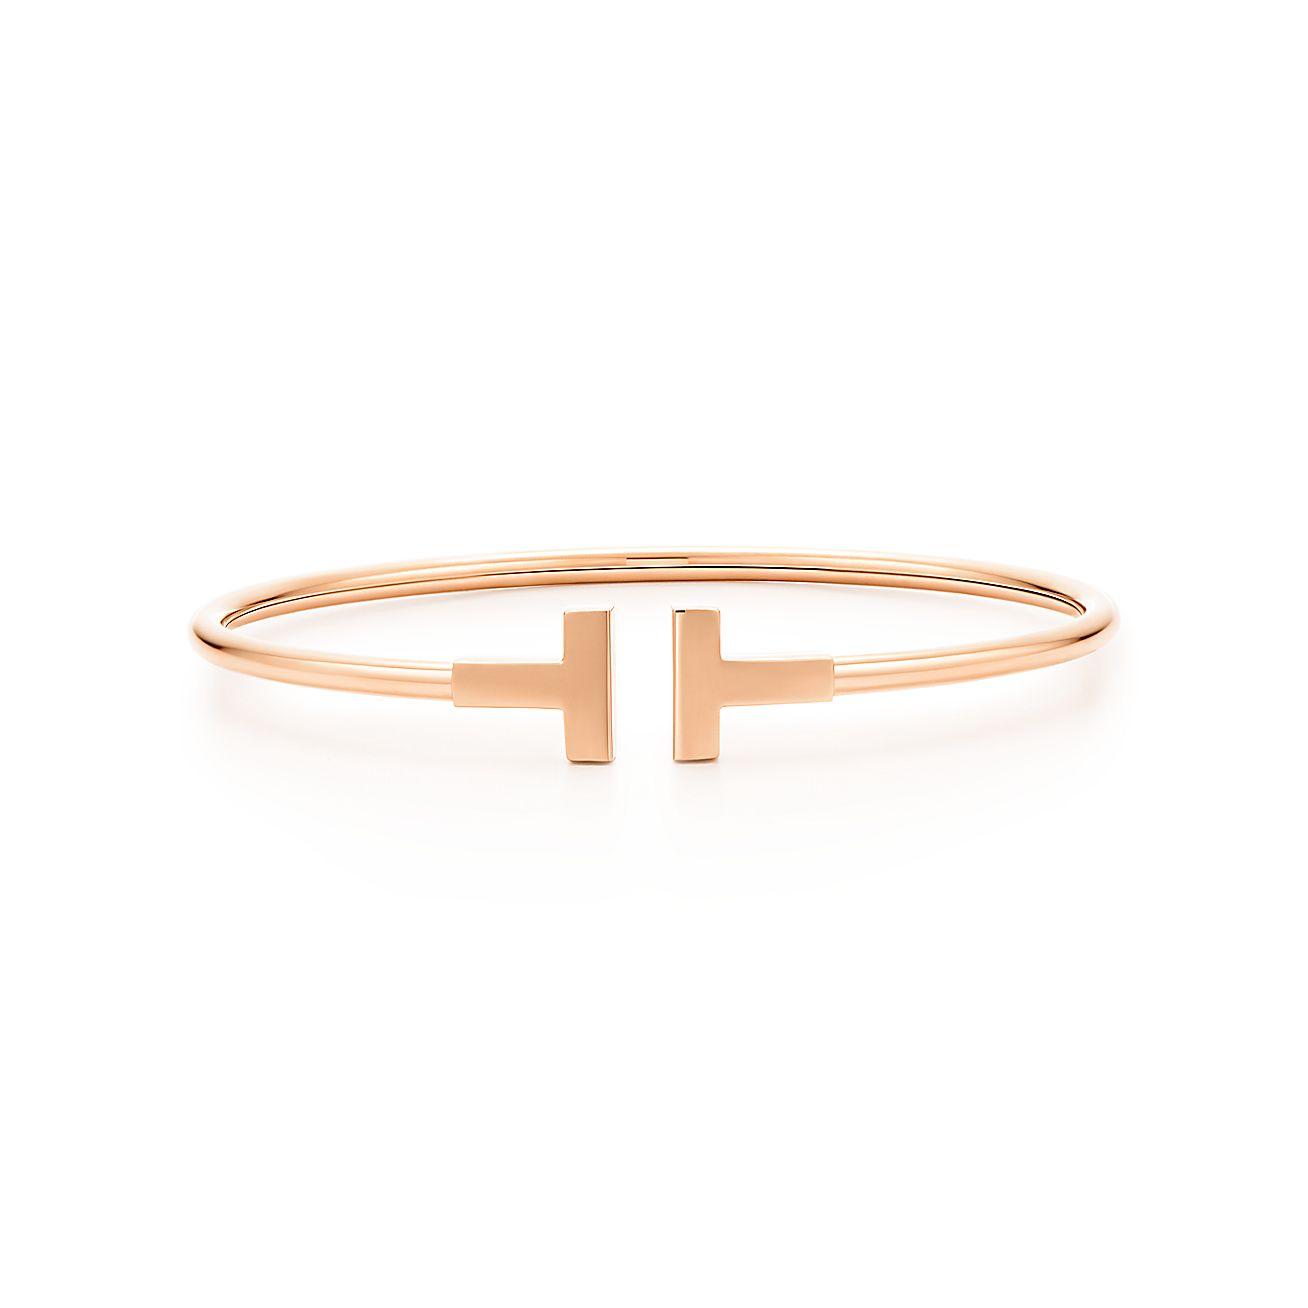 tiffany t wire bracelet in 18k rose gold medium. Black Bedroom Furniture Sets. Home Design Ideas